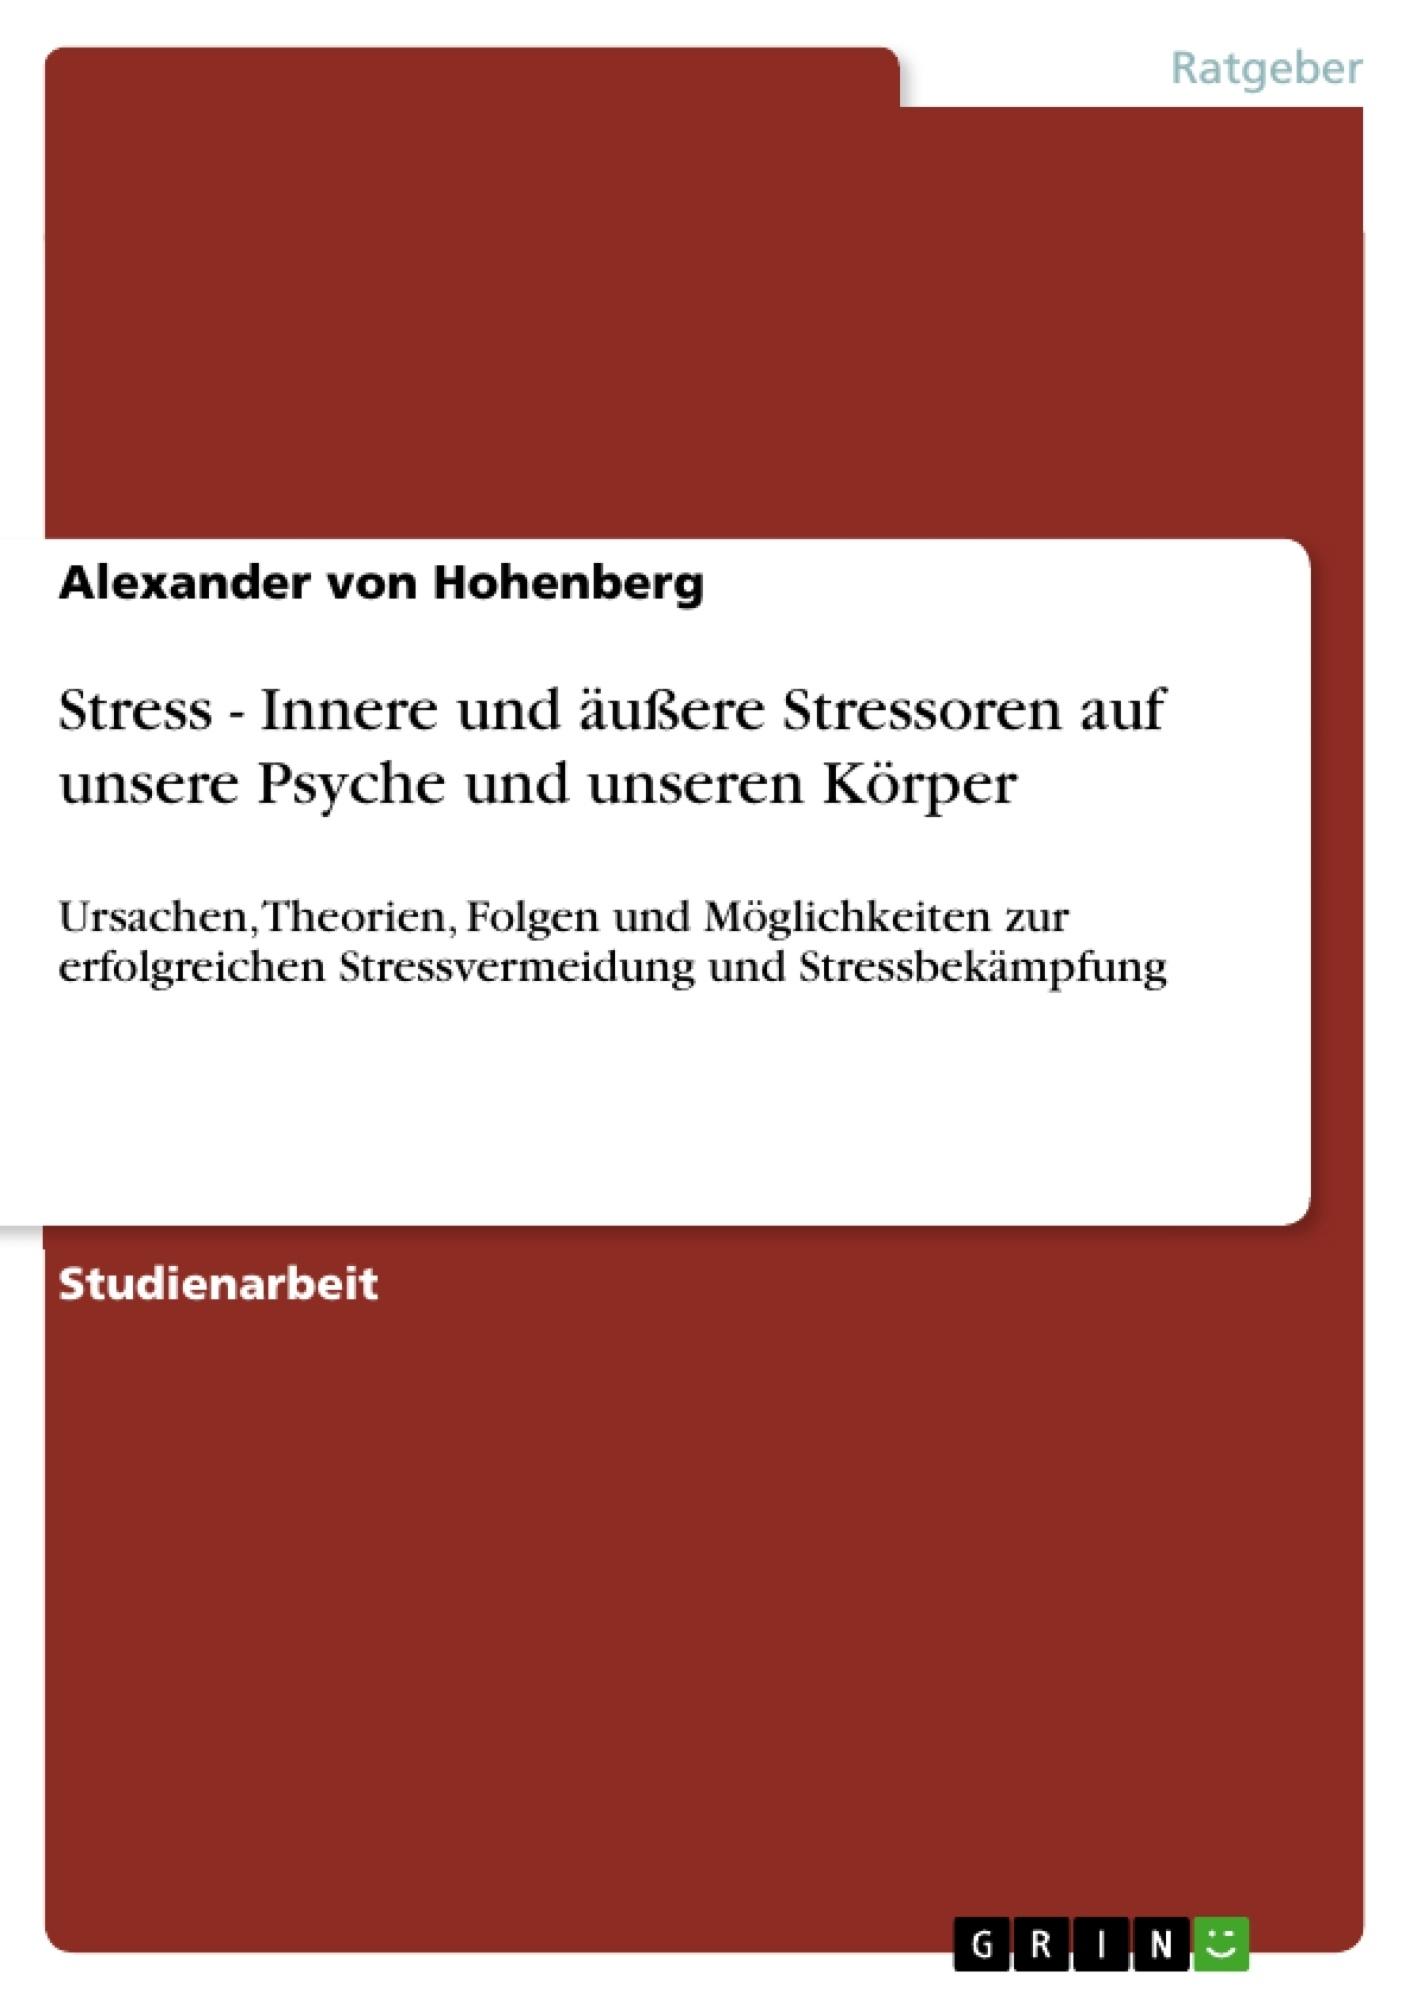 Titel: Stress - Innere und äußere Stressoren auf unsere Psyche und unseren Körper